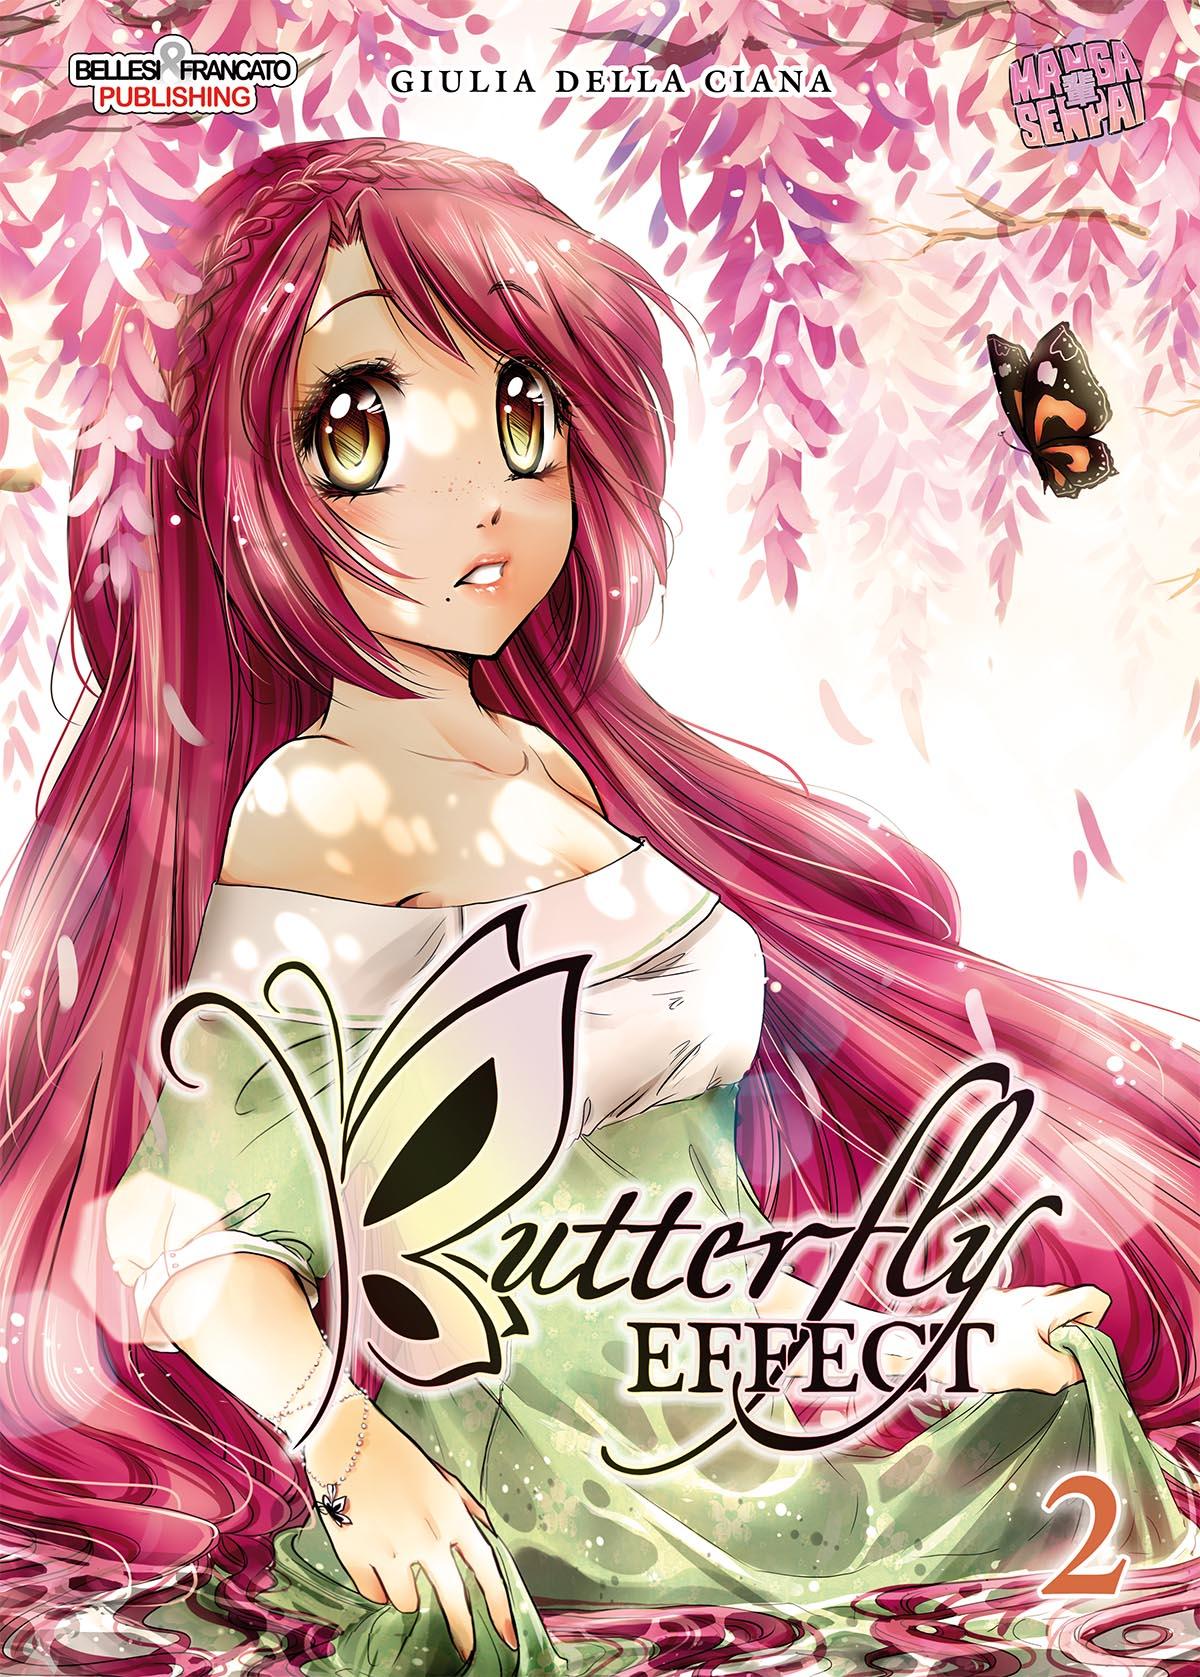 Butterfly Effect vol. 2